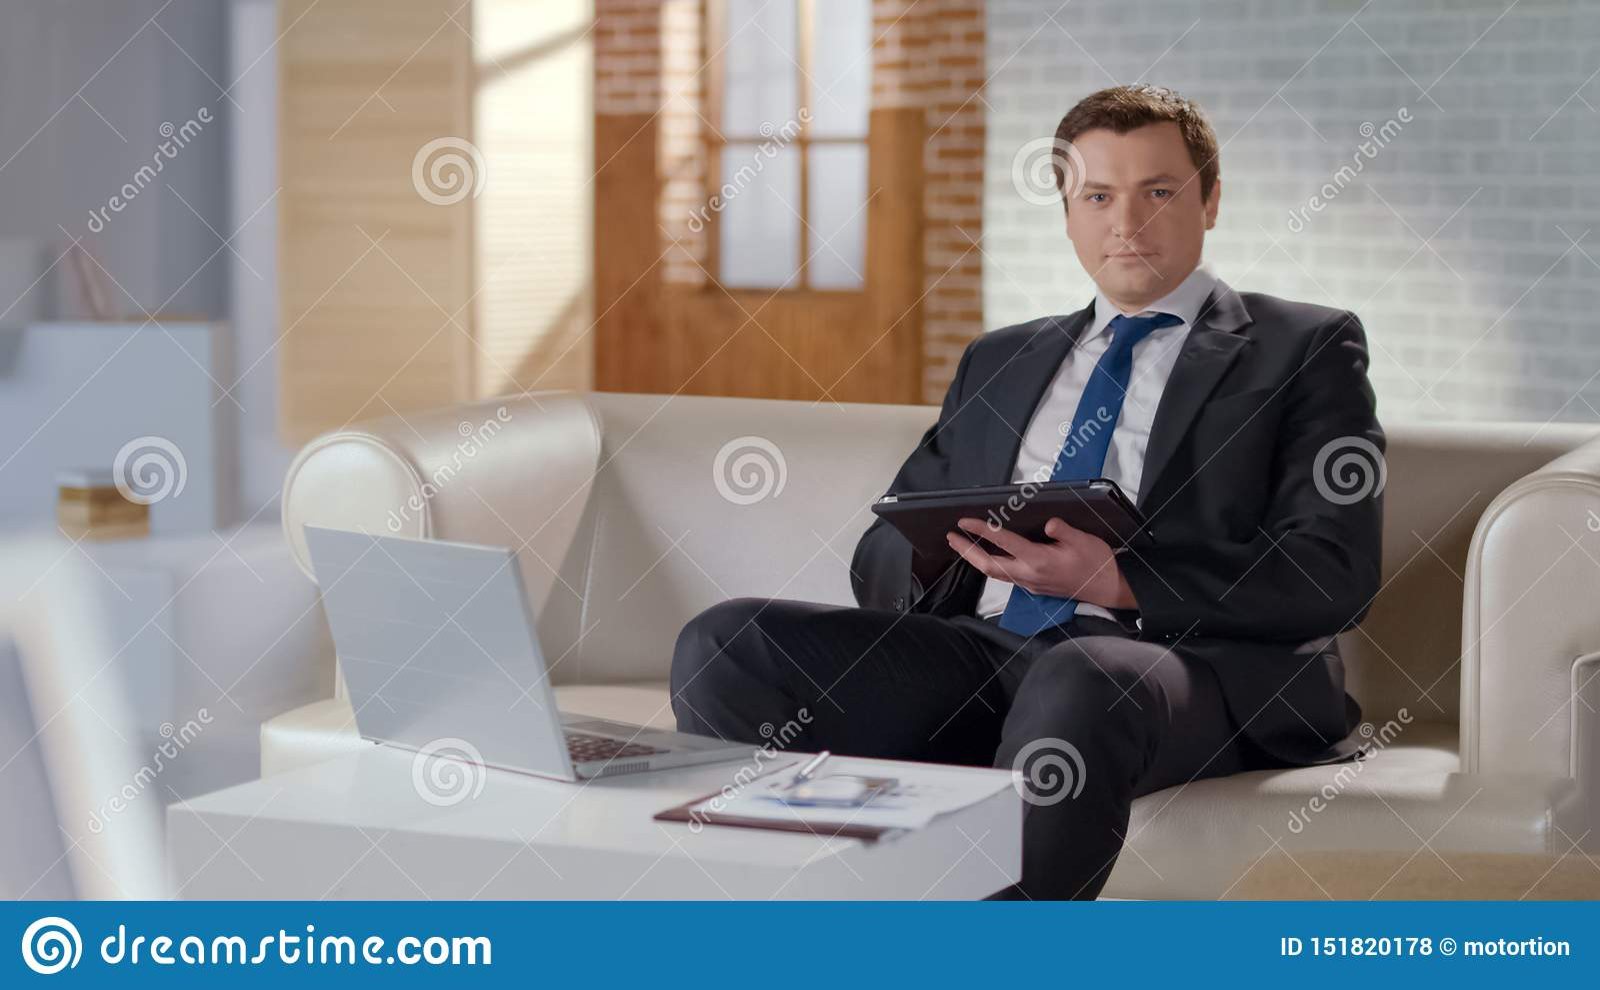 Hombre joven en traje usando la tableta en la oficina, tecnologías modernas para manejar negocio